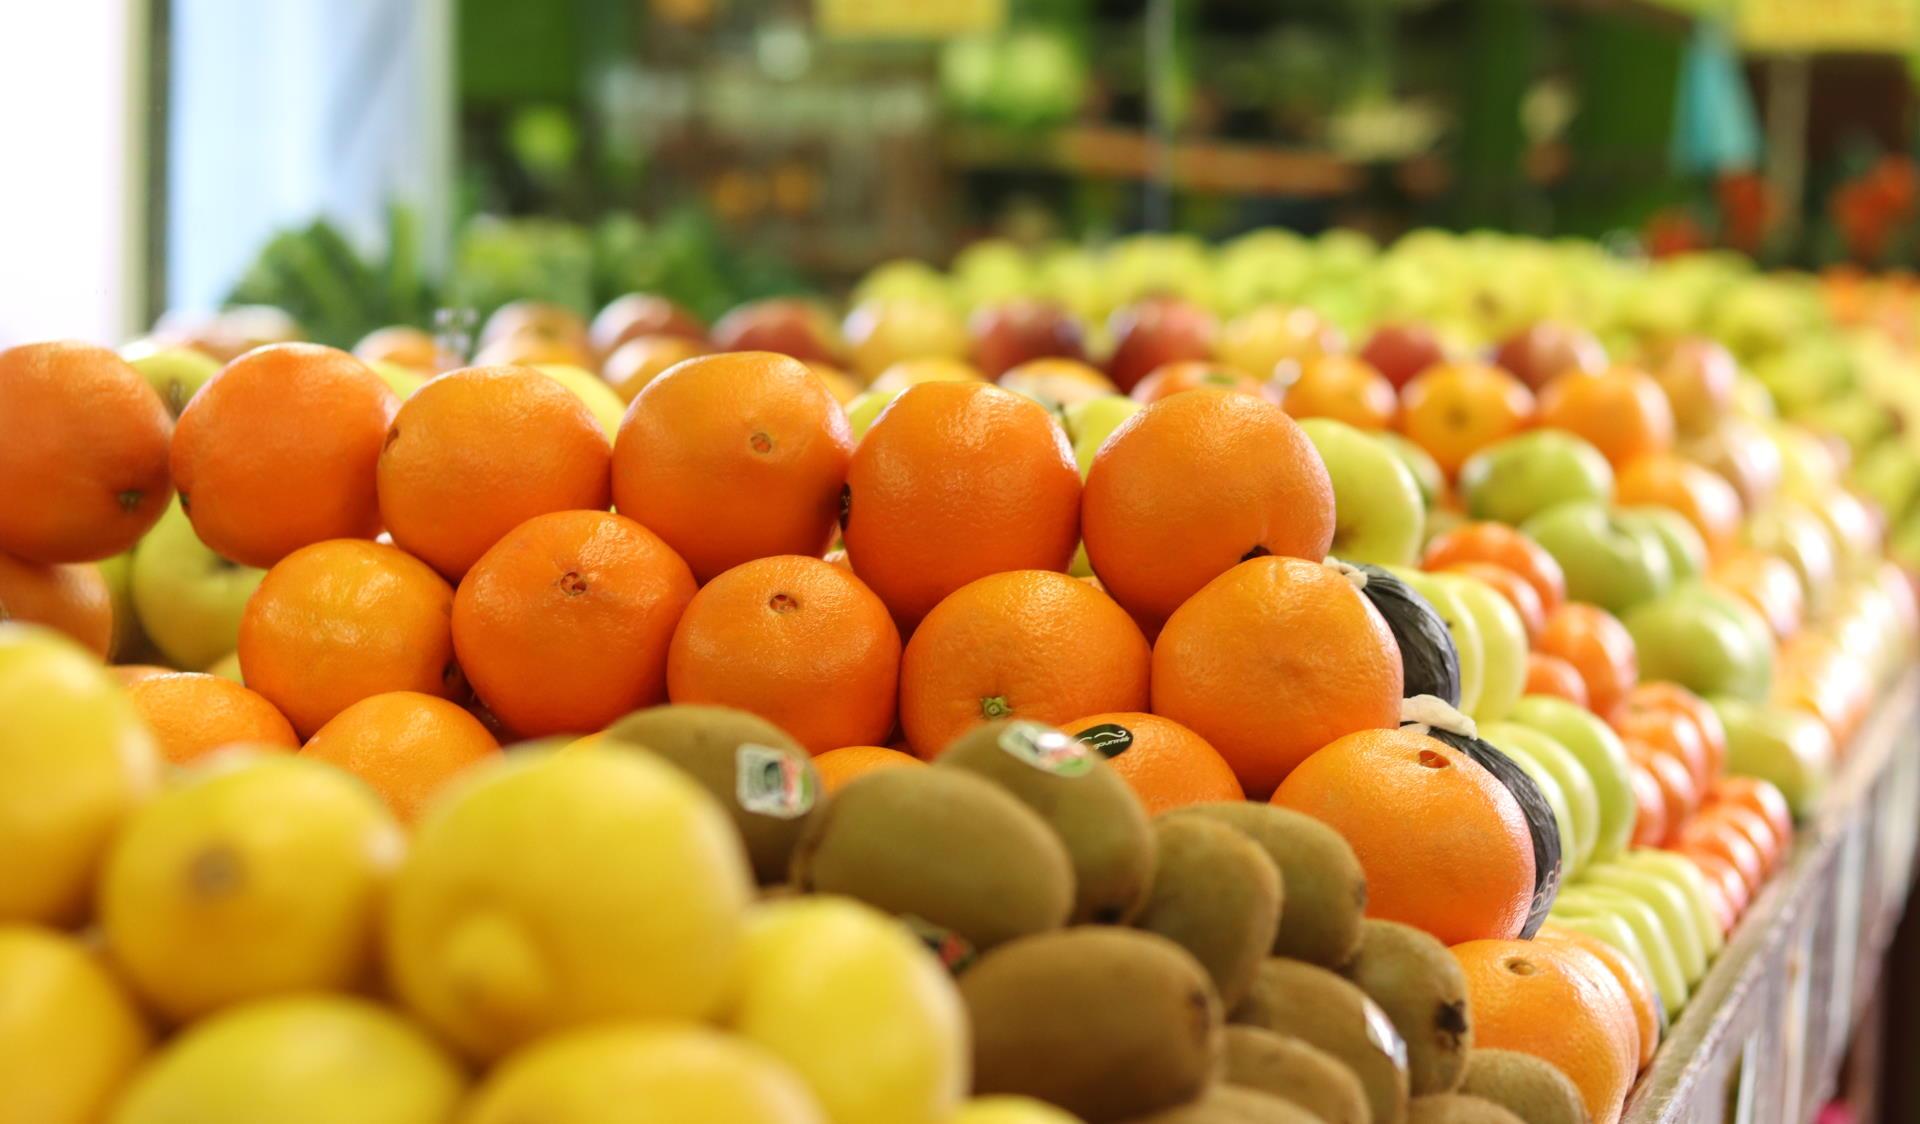 Fruta y verdura fresca y de calidad